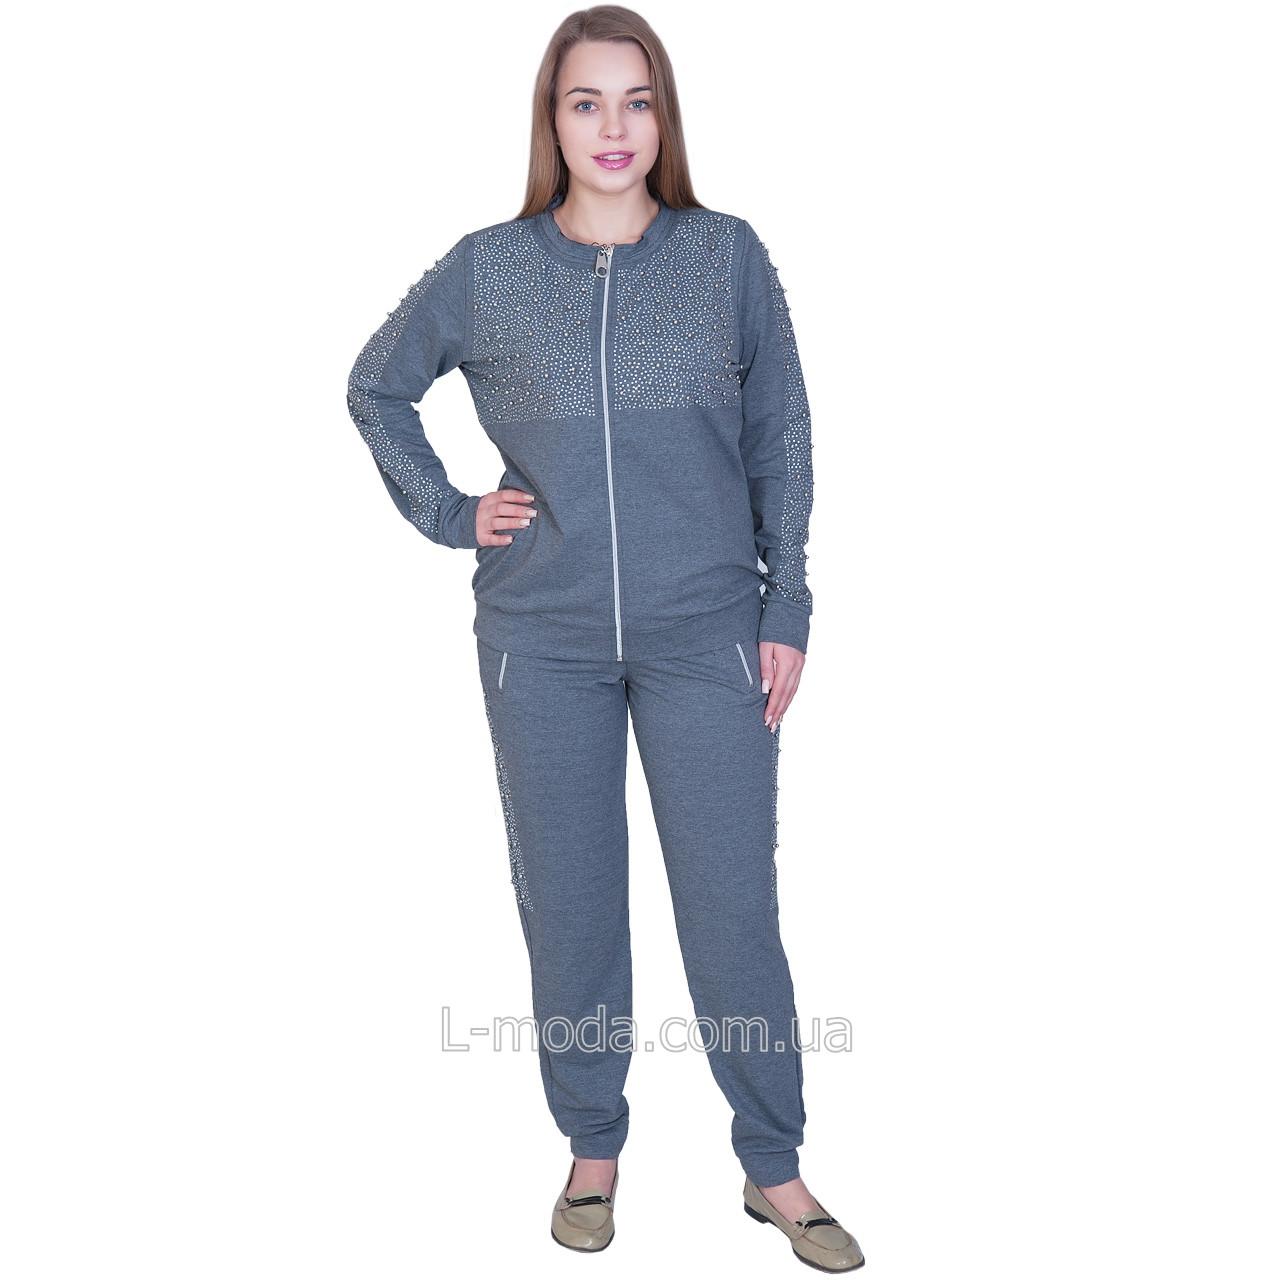 Женский спортивный костюм серый Турция